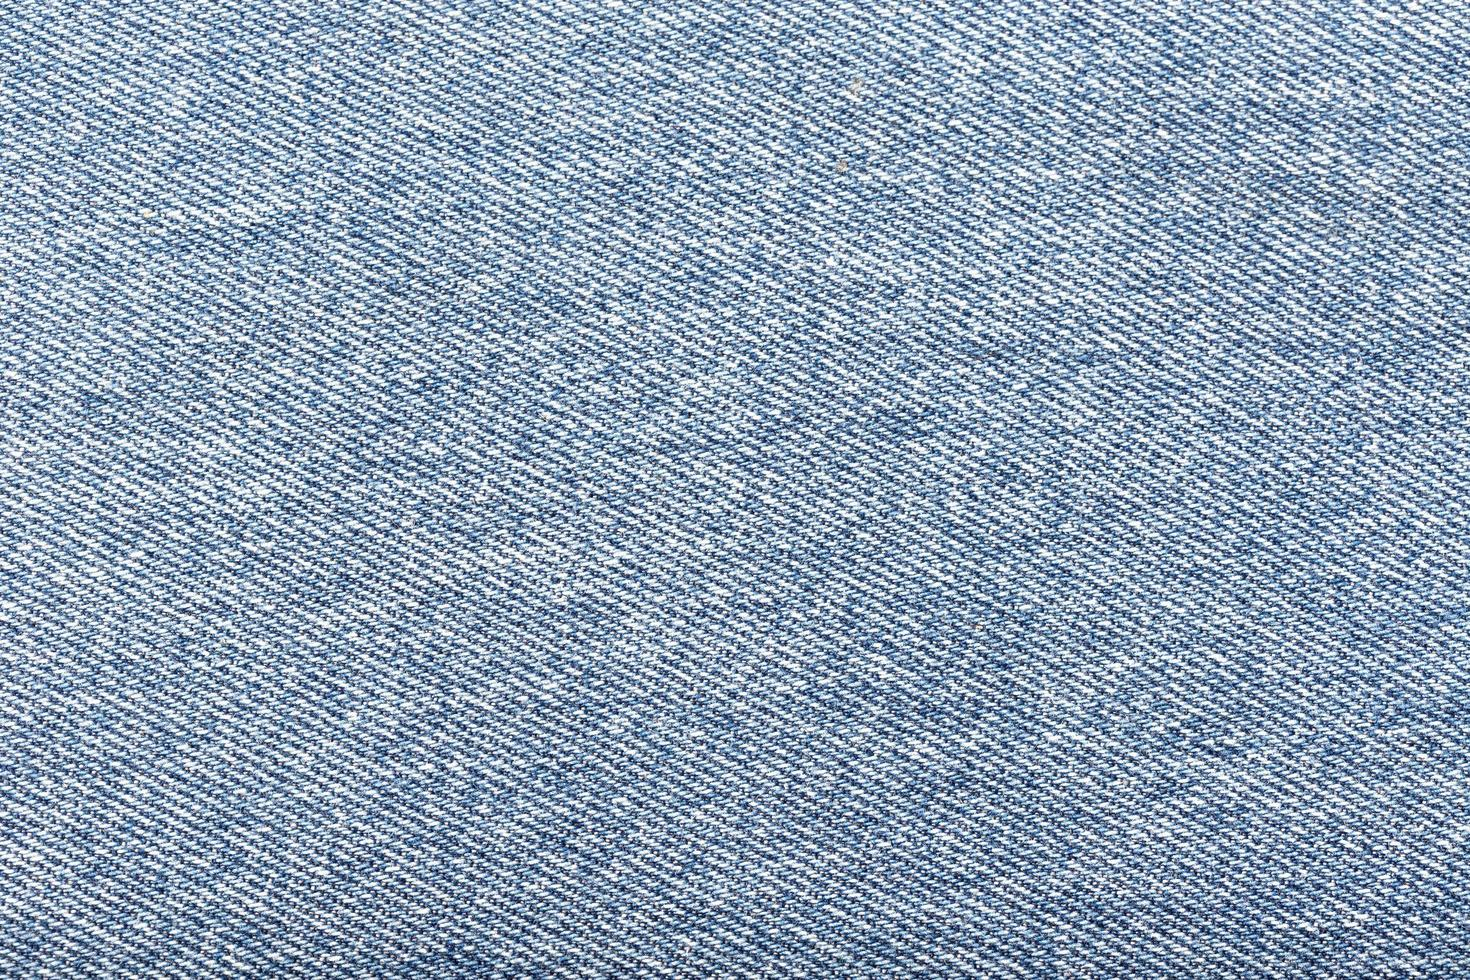 un primer plano de la tela de mezclilla azul claro foto